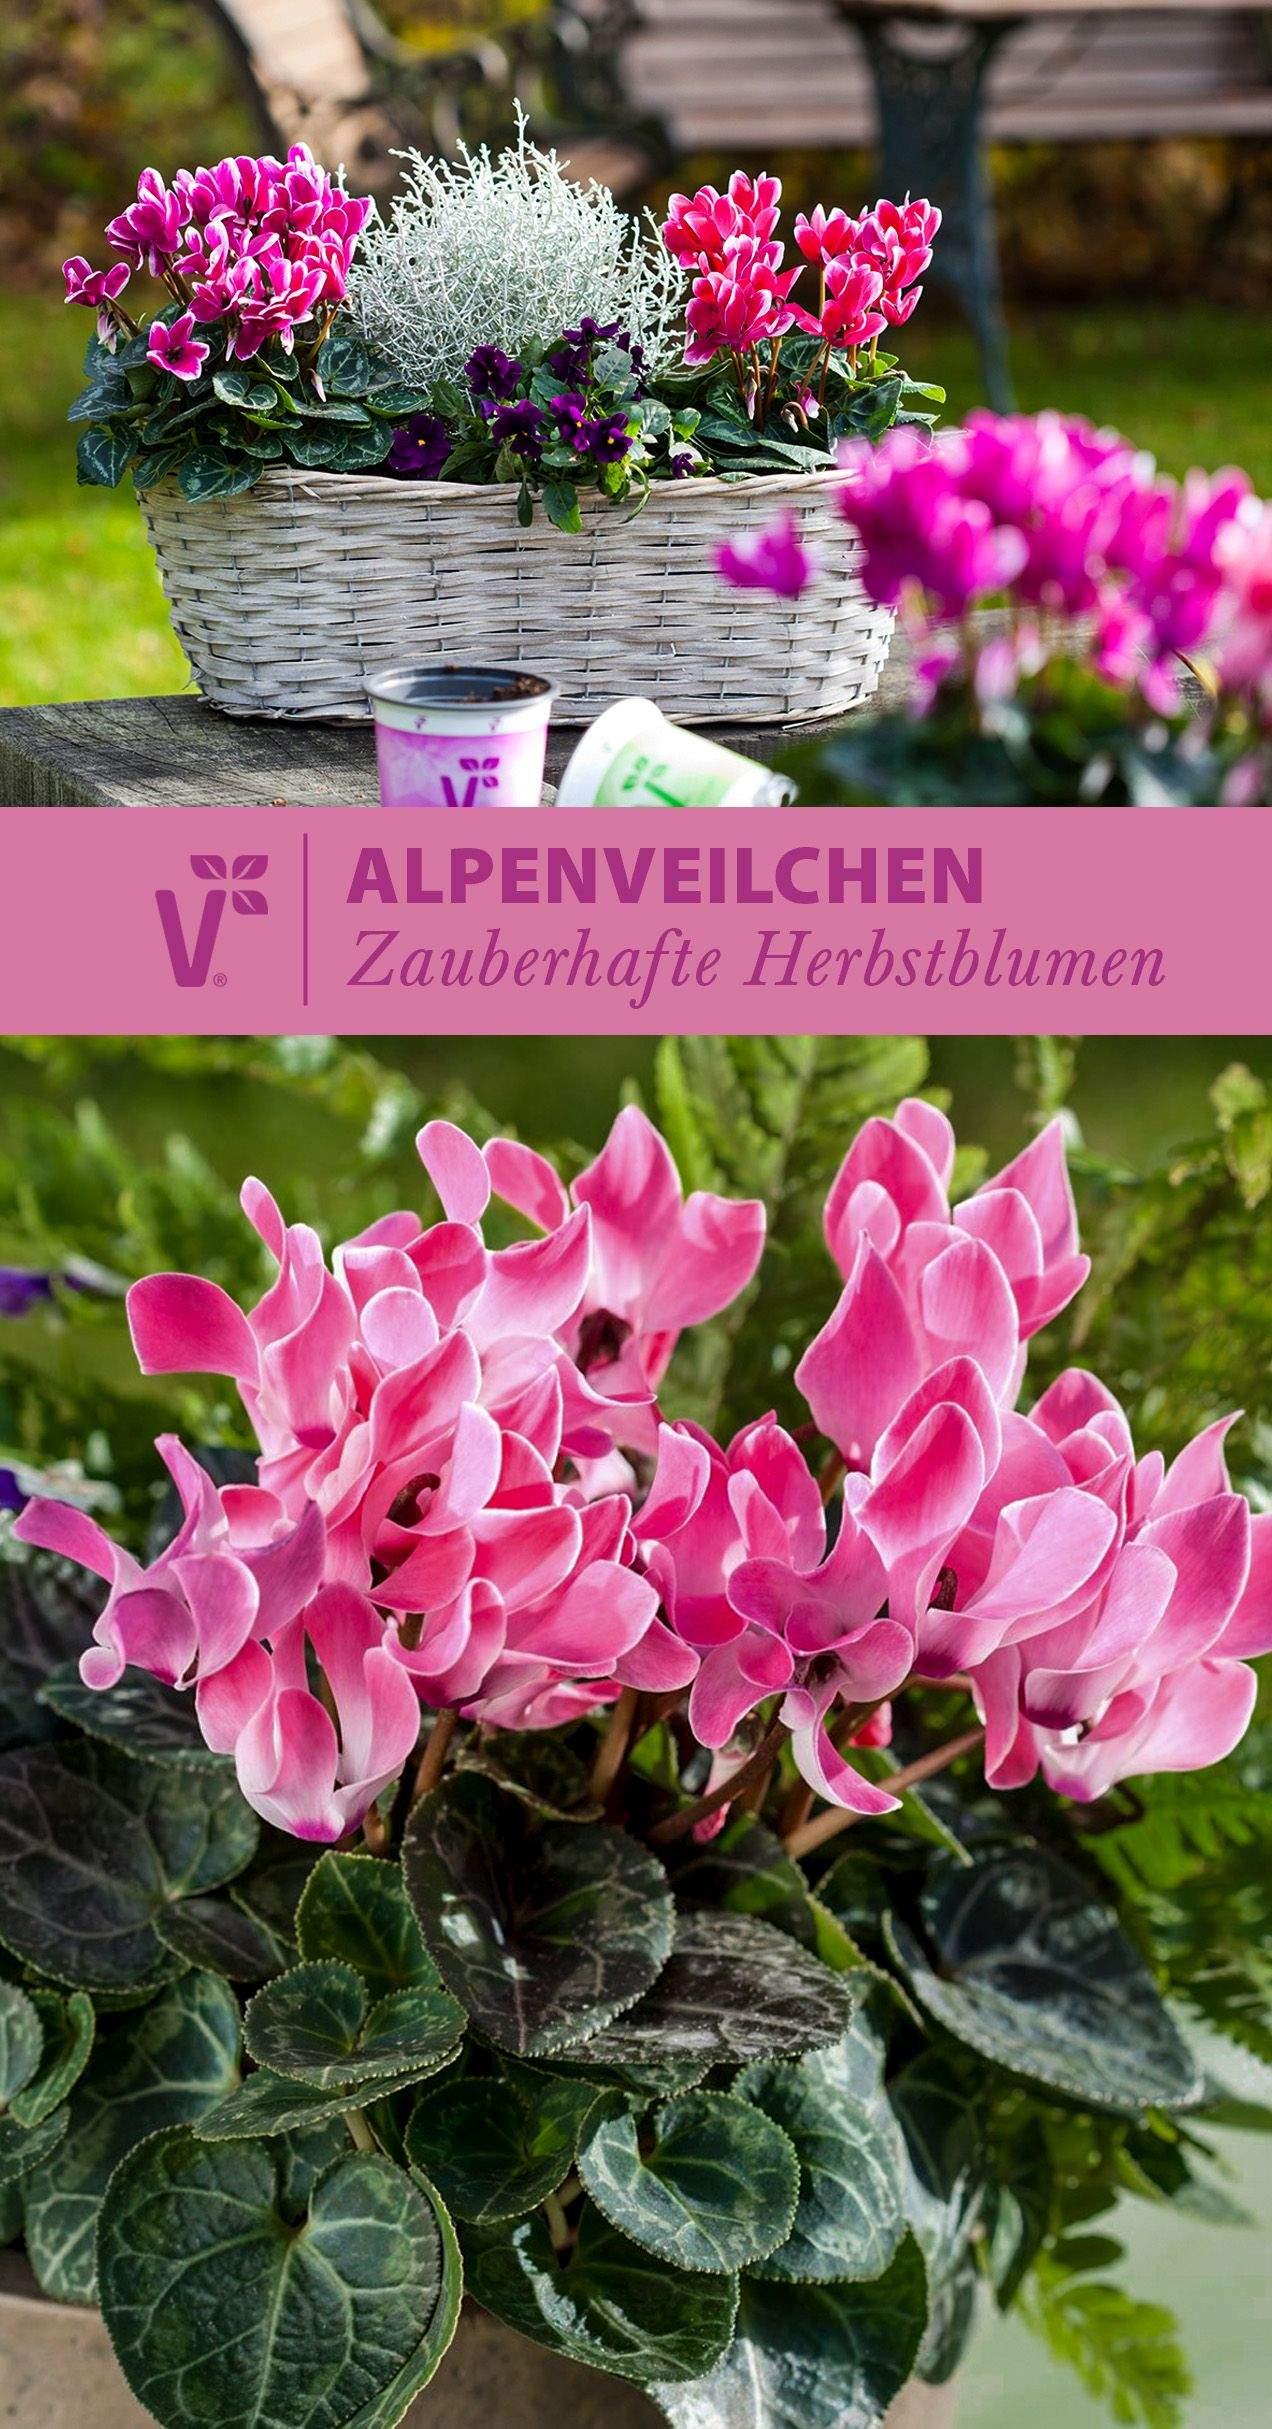 Alpenveilchen Im Garten Frisch Alpenveilchen Gehören Zu Den Herbstblumen Wunderschön